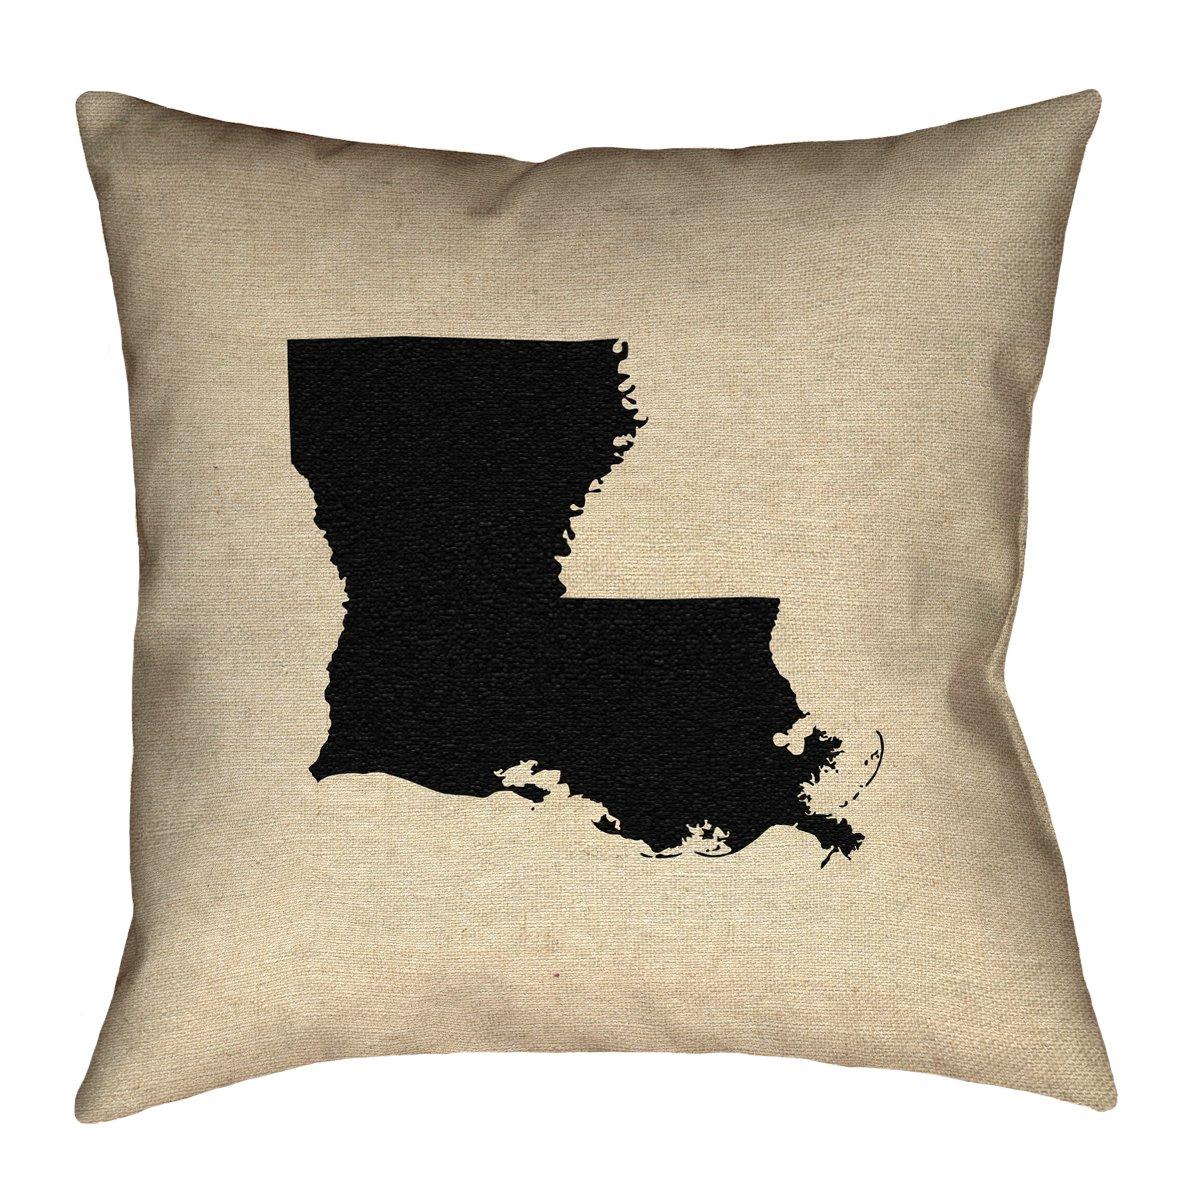 ArtVerse Katelyn Smith 20 x 20 Indoor//Outdoor UV Properties-Waterproof and Mildew Proof Louisiana Pillow